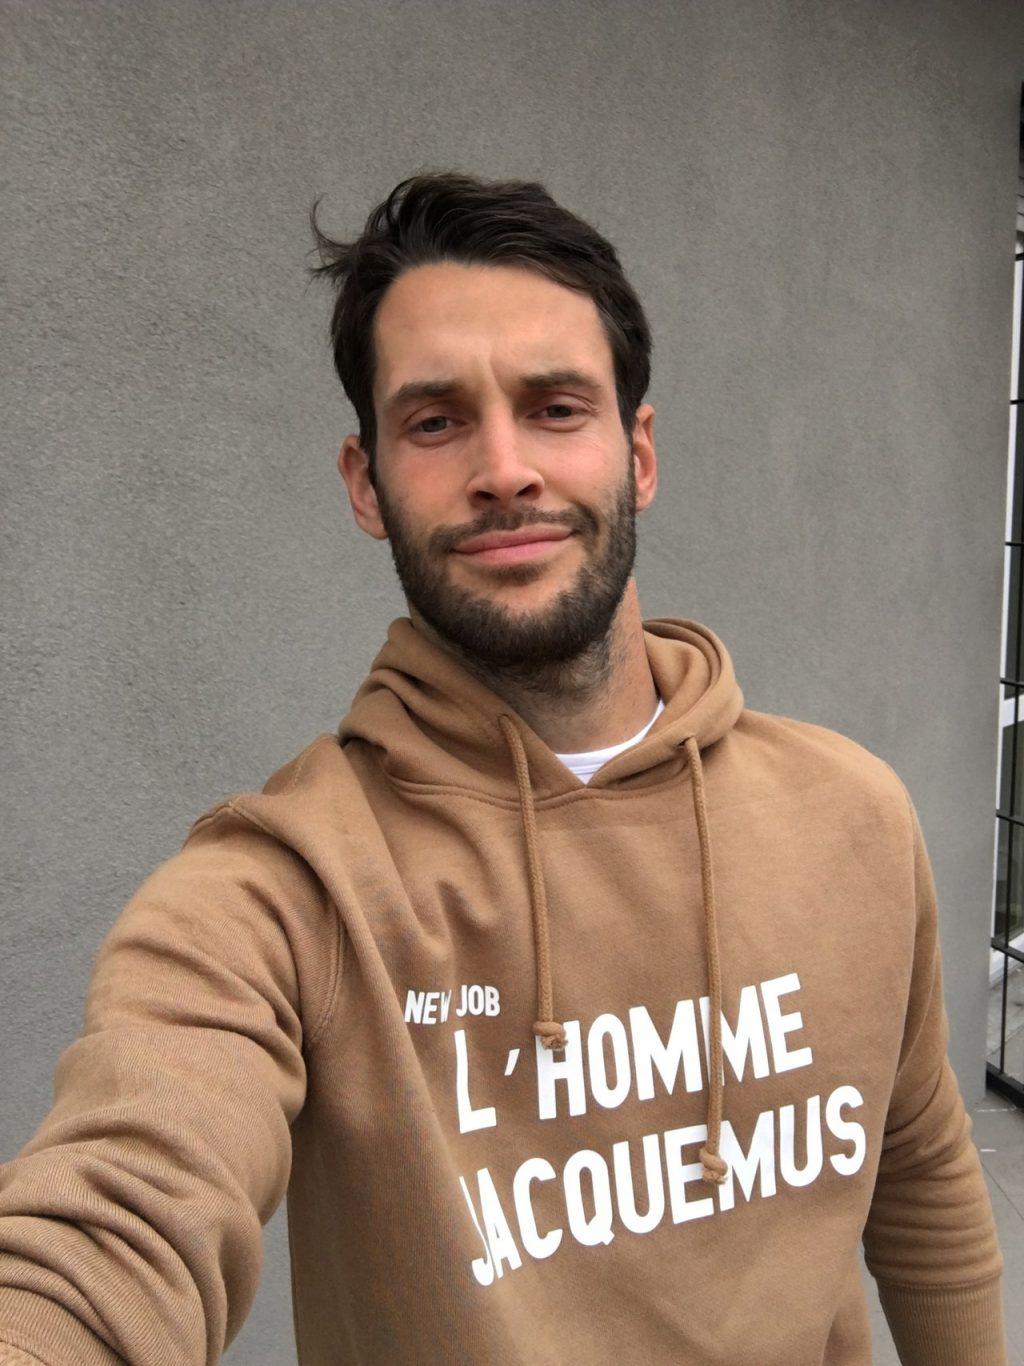 ảnh chân dung nhà thiết kế jacquemus